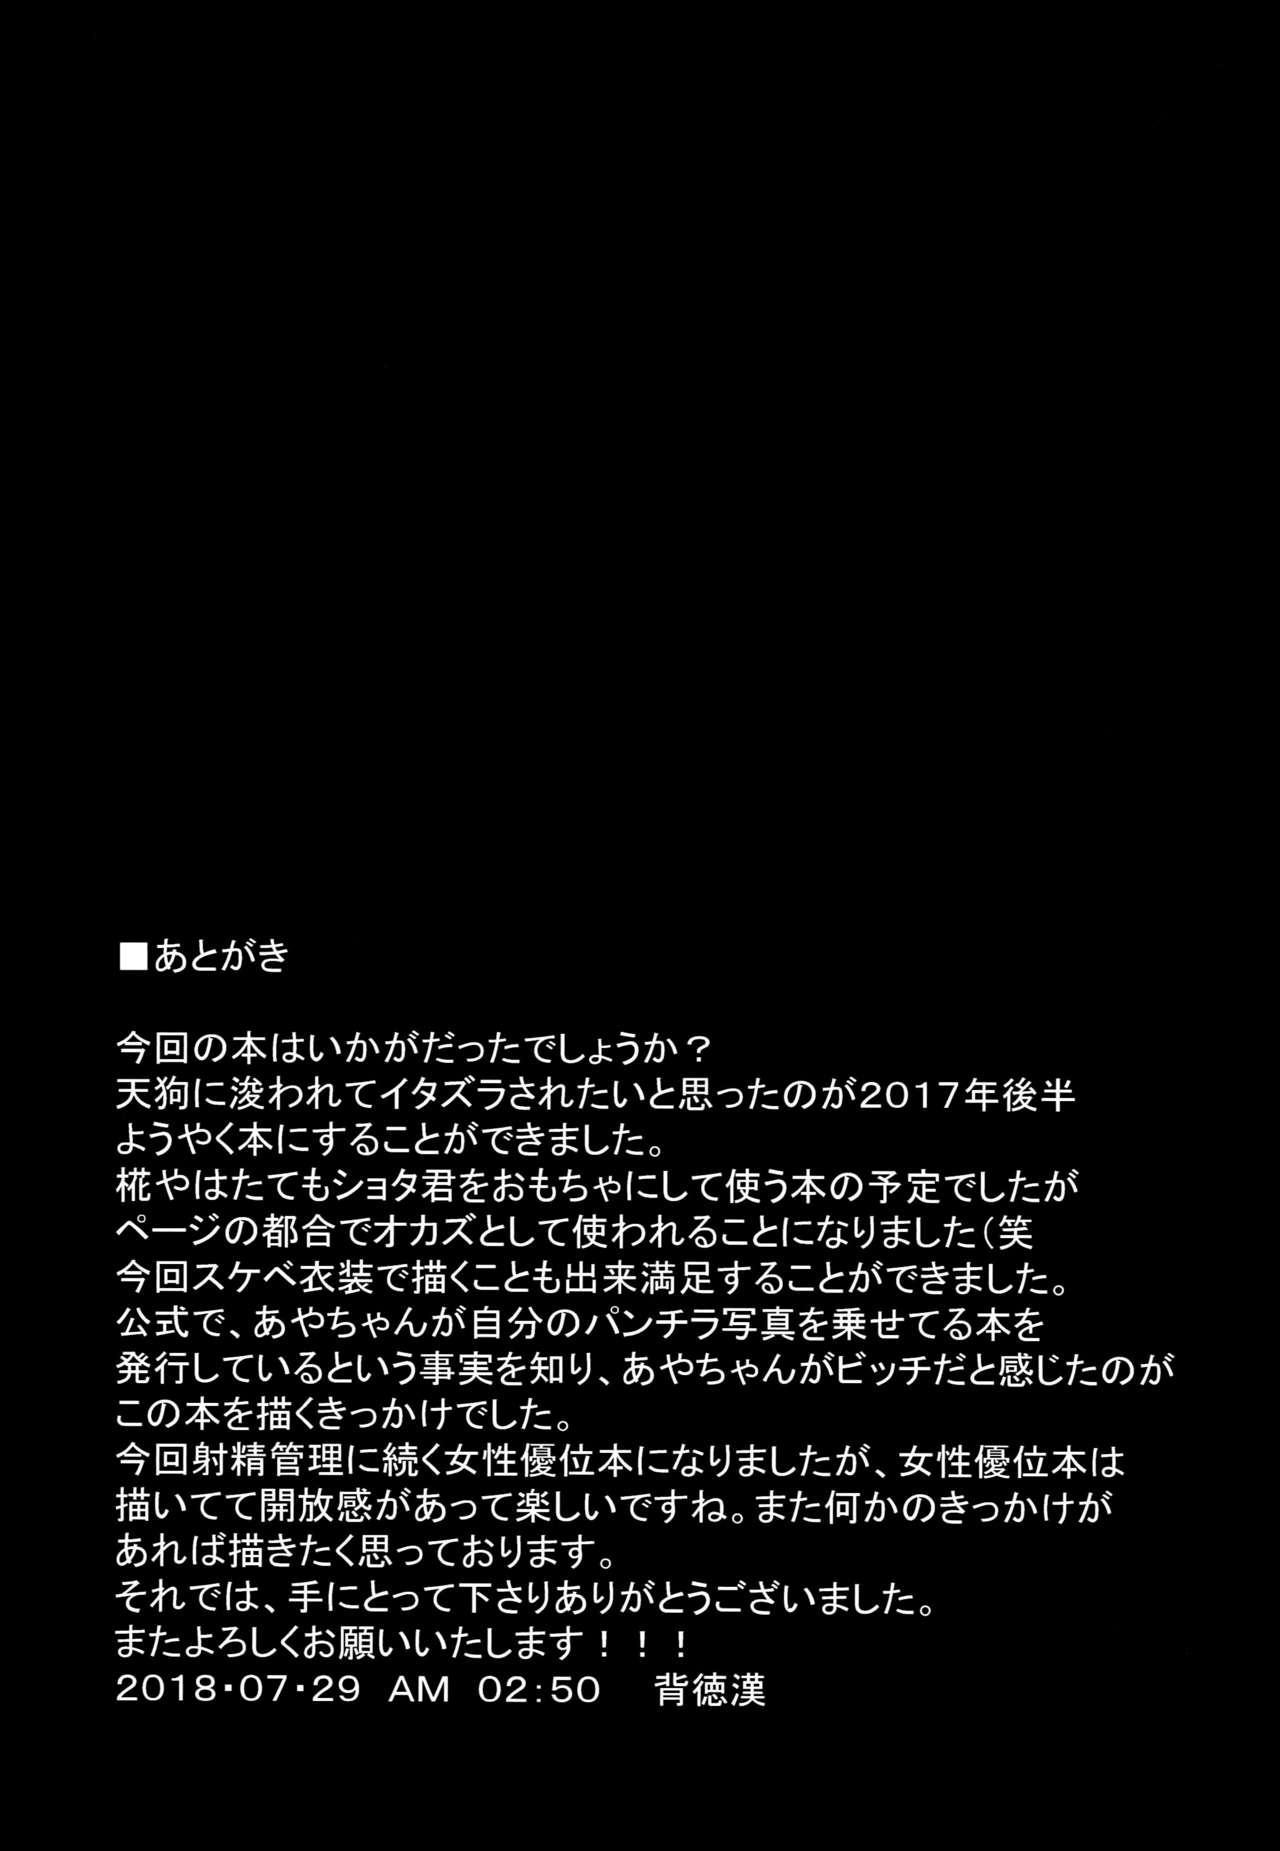 Nyotengu ni Yuukai Sarete Itazura Sareta Shota-kun no Kiroku 24